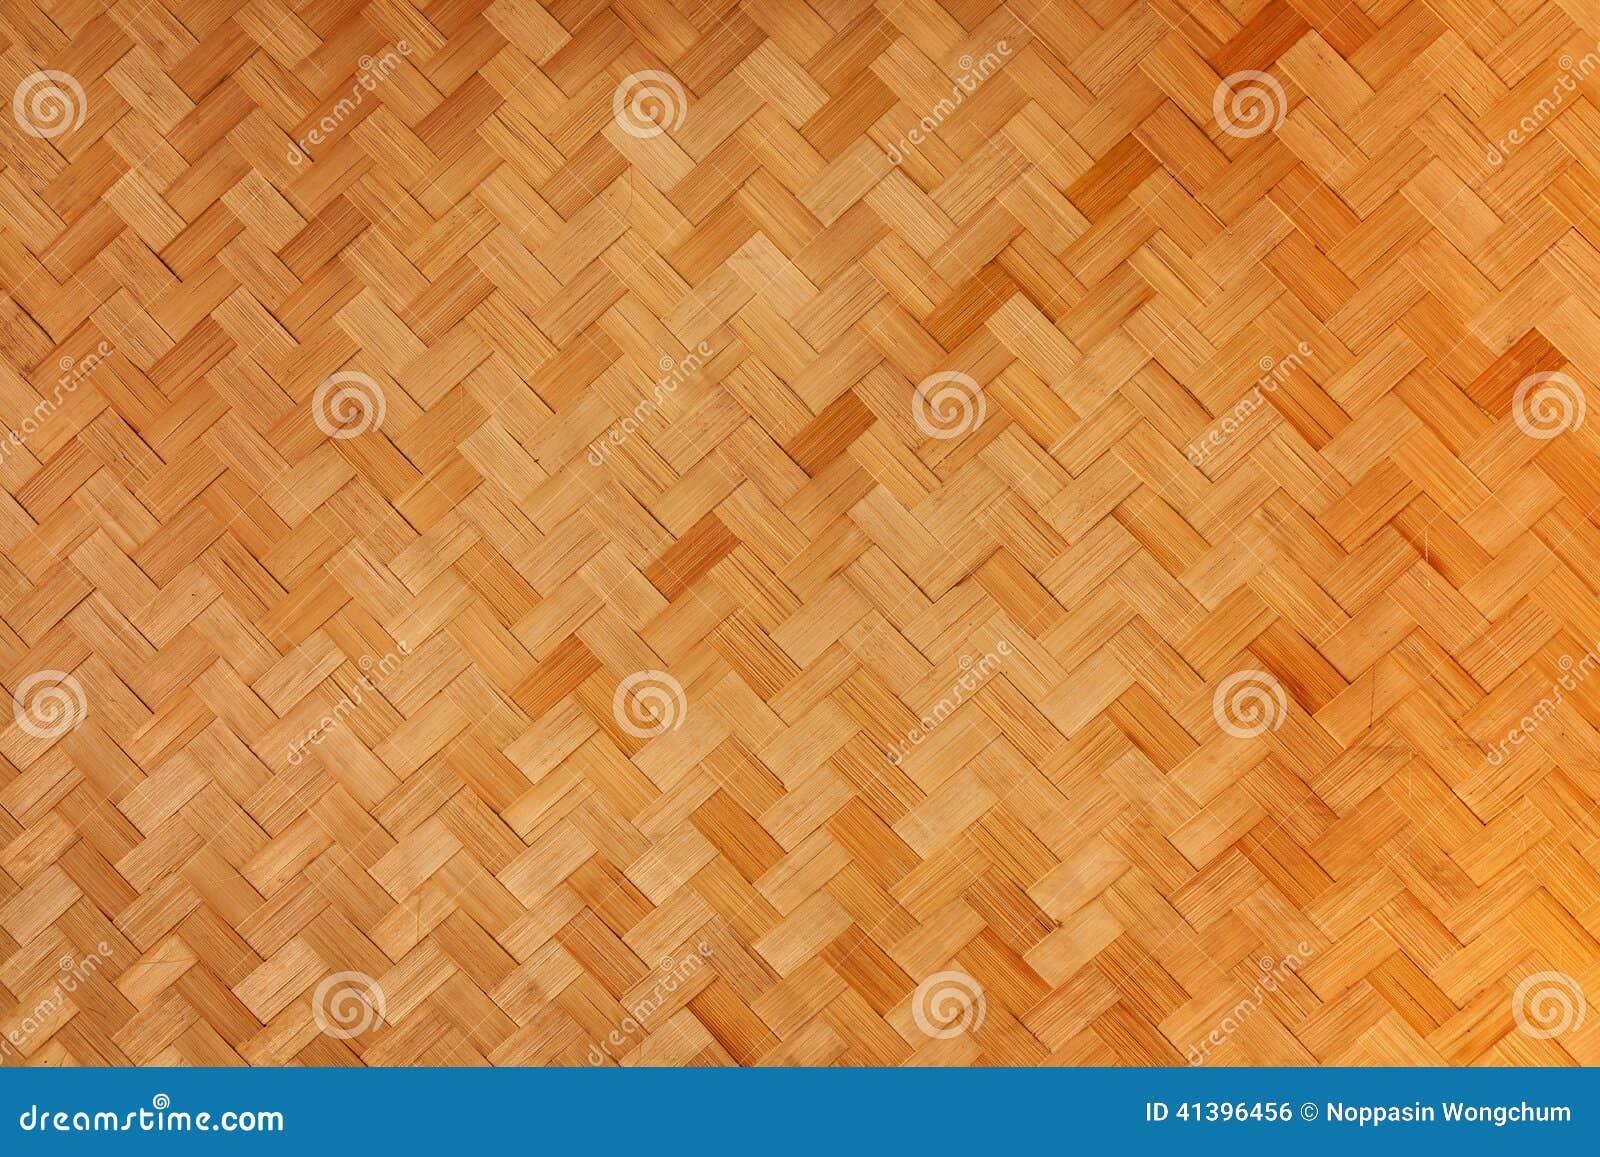 织法竹子背景